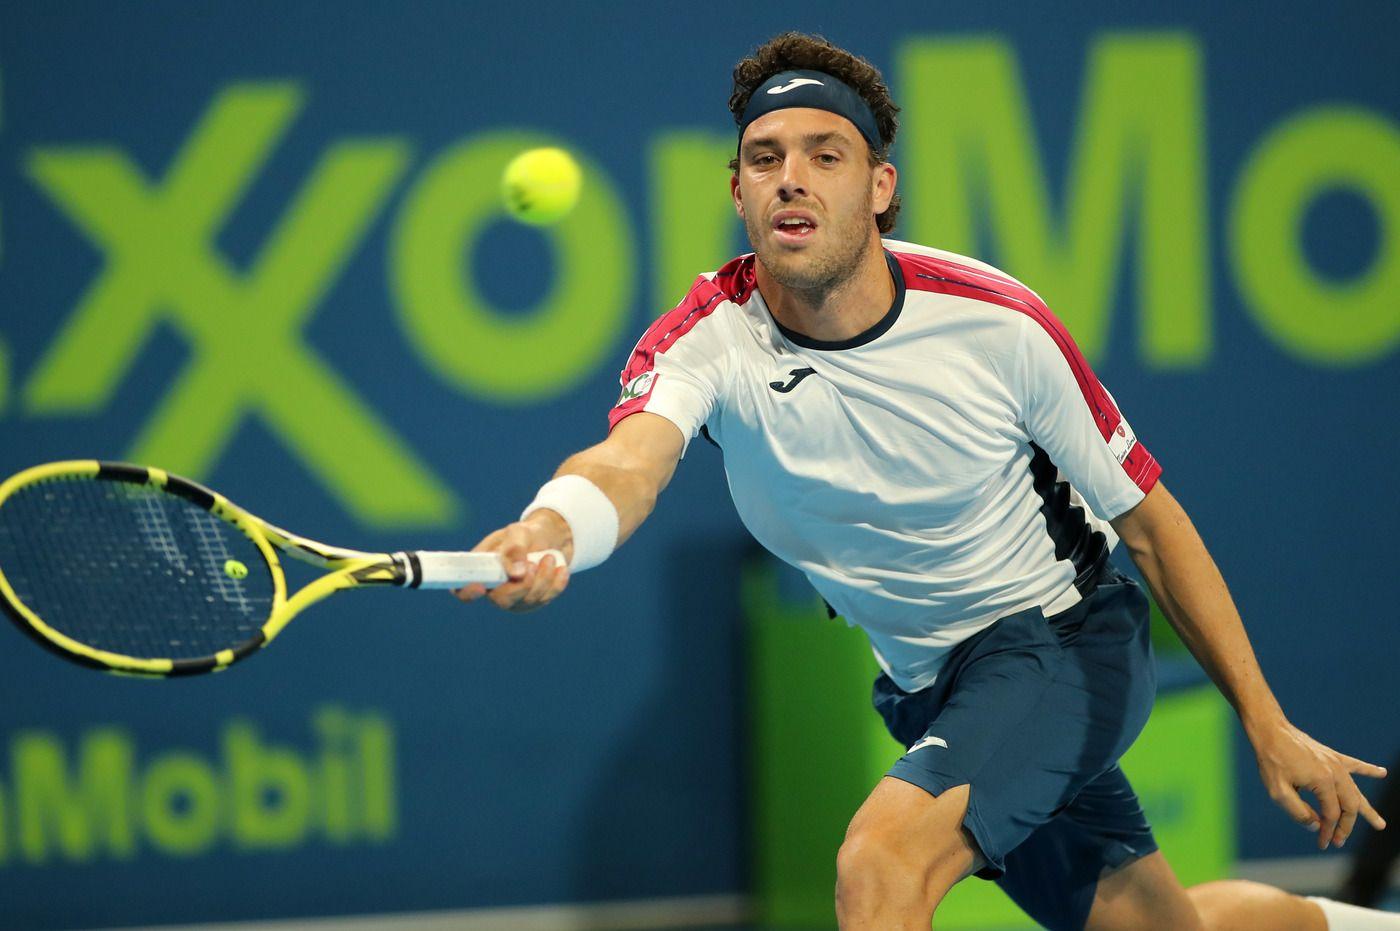 Marco Cecchinato, classe 1992 e n. 19 ATP